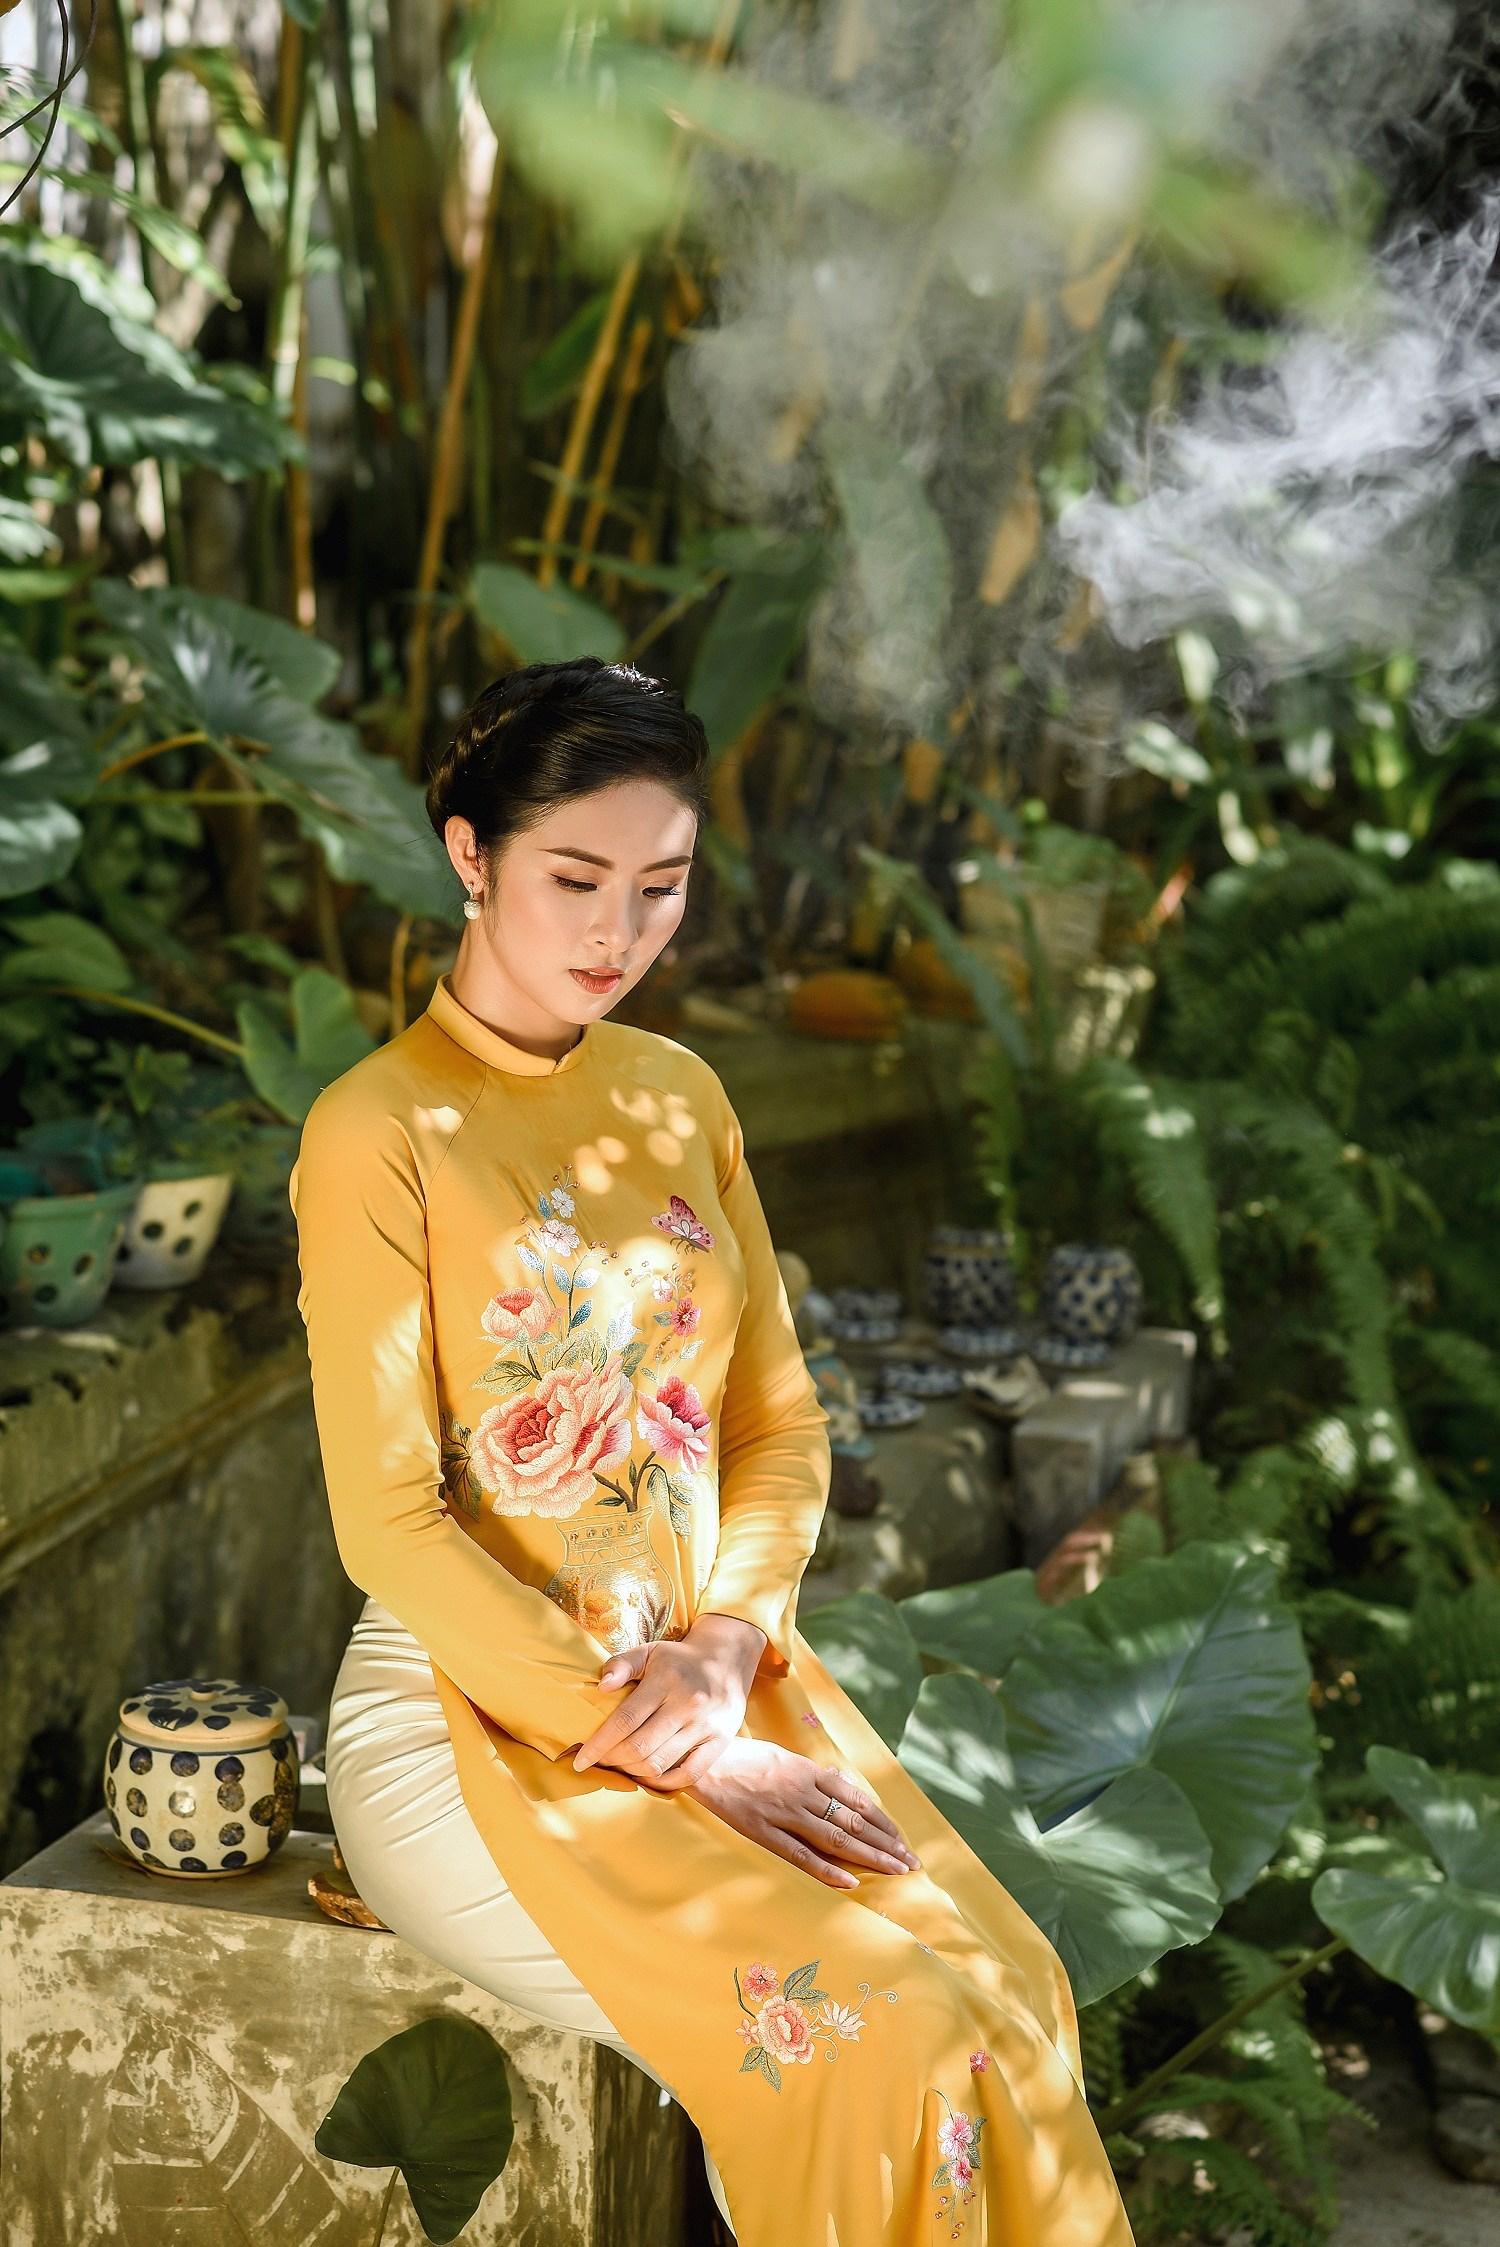 Hoa hậu Ngọc Hân thiết kế áo dài lấy cảm hứng từ cuộc đời Đức Phật Thích Ca Ảnh 4